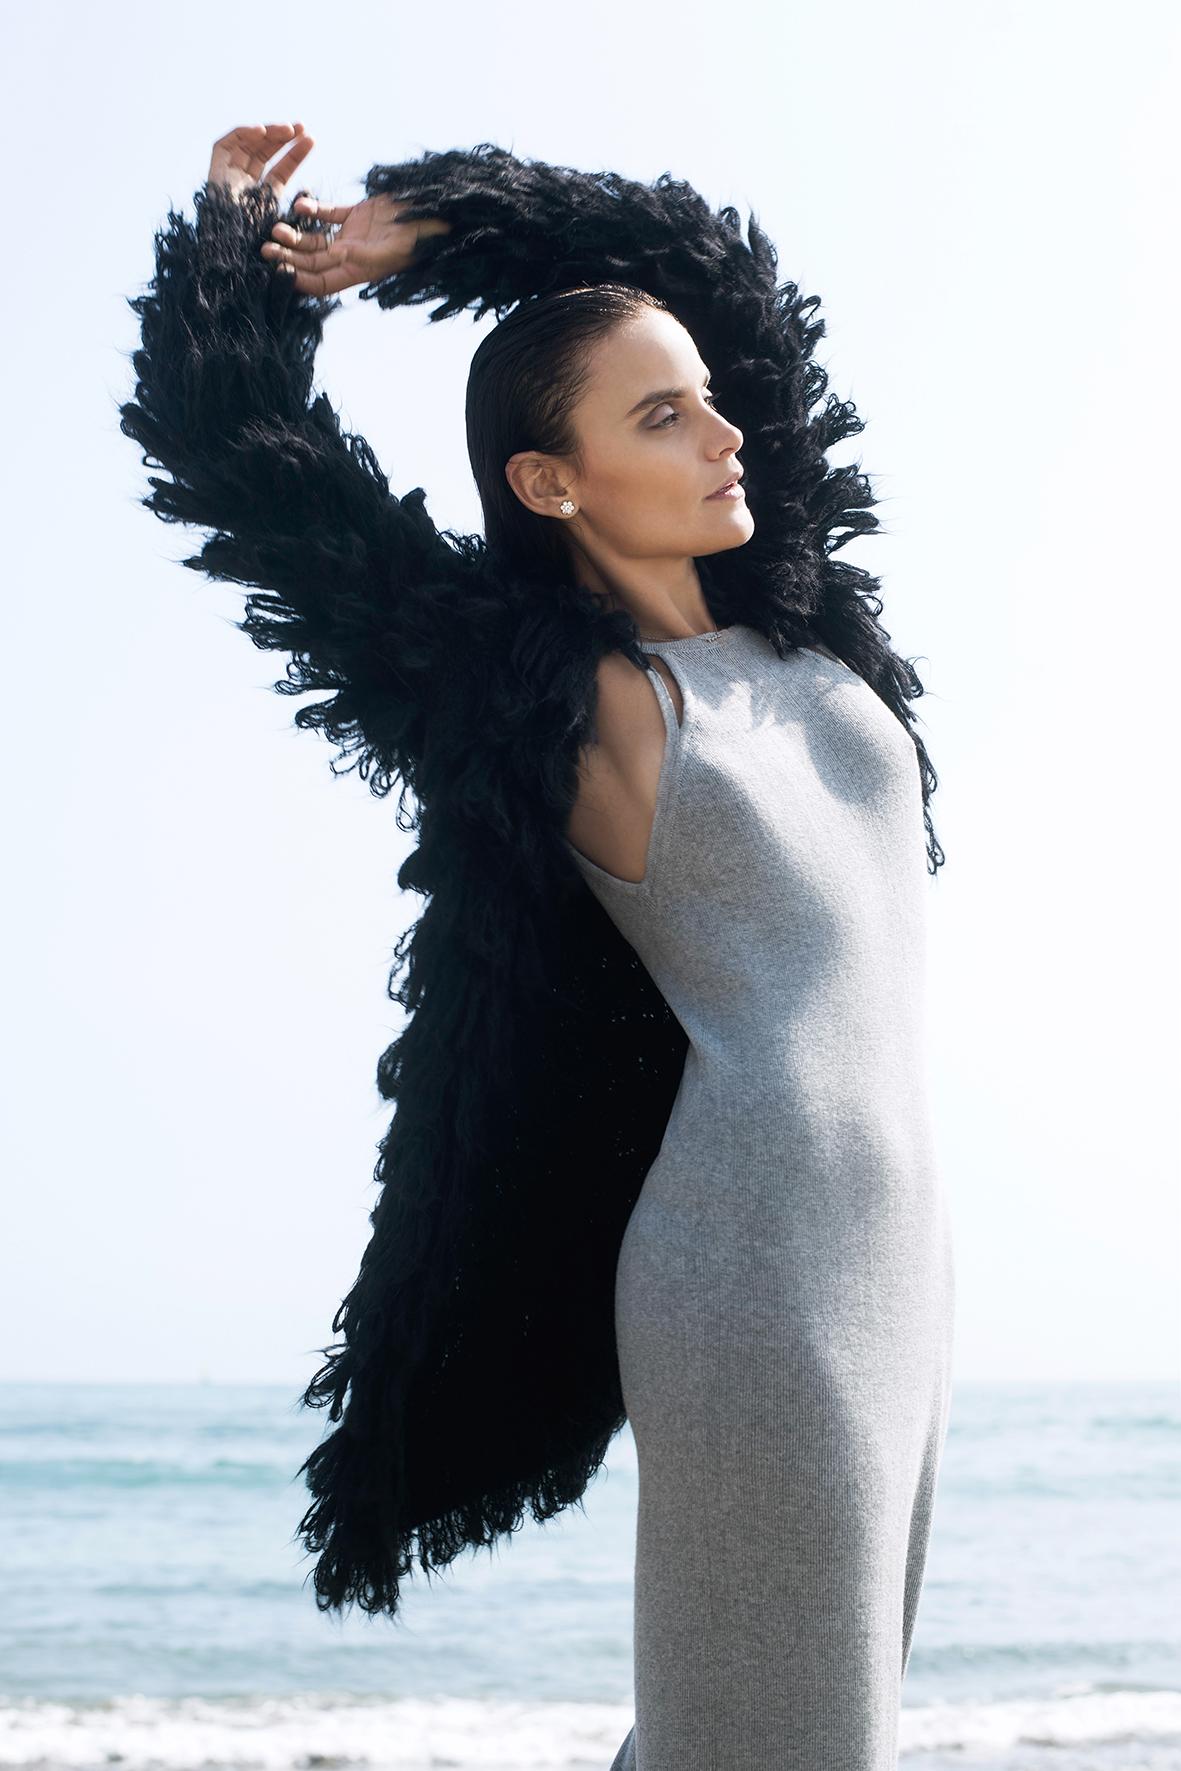 giuliana weston - modelo peruana - perú - peru moda -  fashion photography - costa verde -  009.jpg